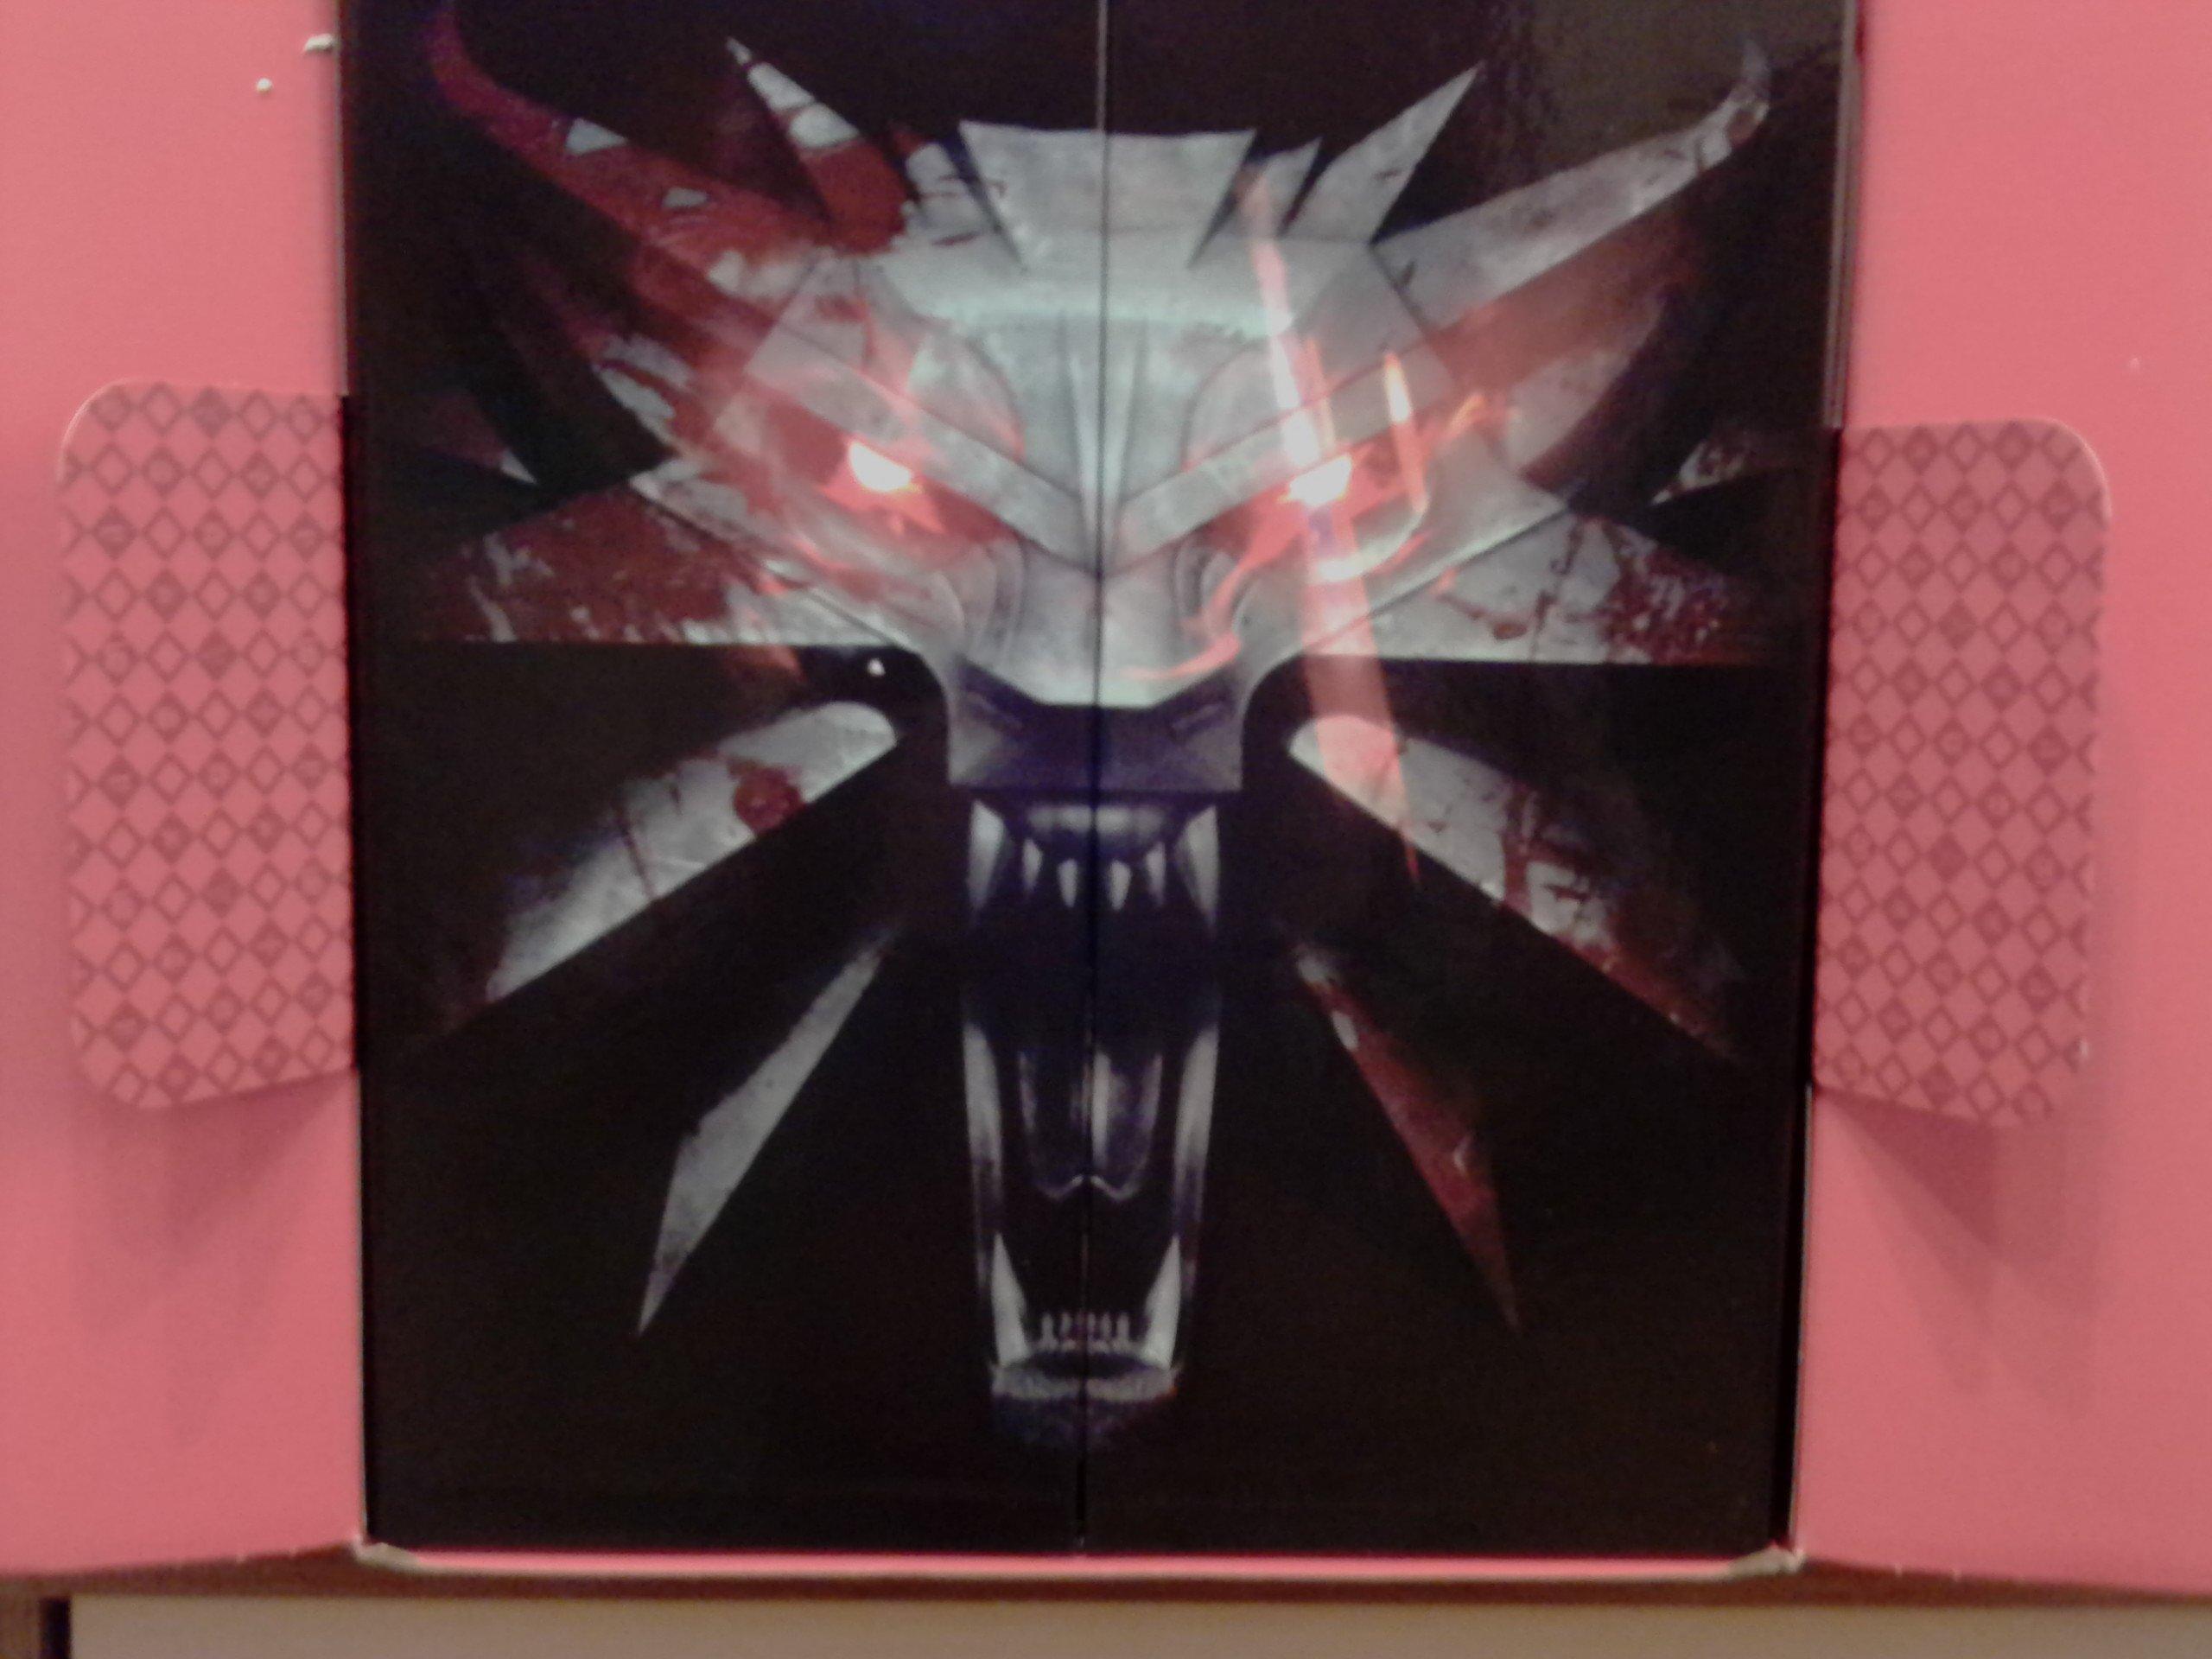 The Witcher 3: Wild Hunt. Распаковка коллекционного издания игры!     После долгого и томительного ожидания, сквозь  ... - Изображение 4